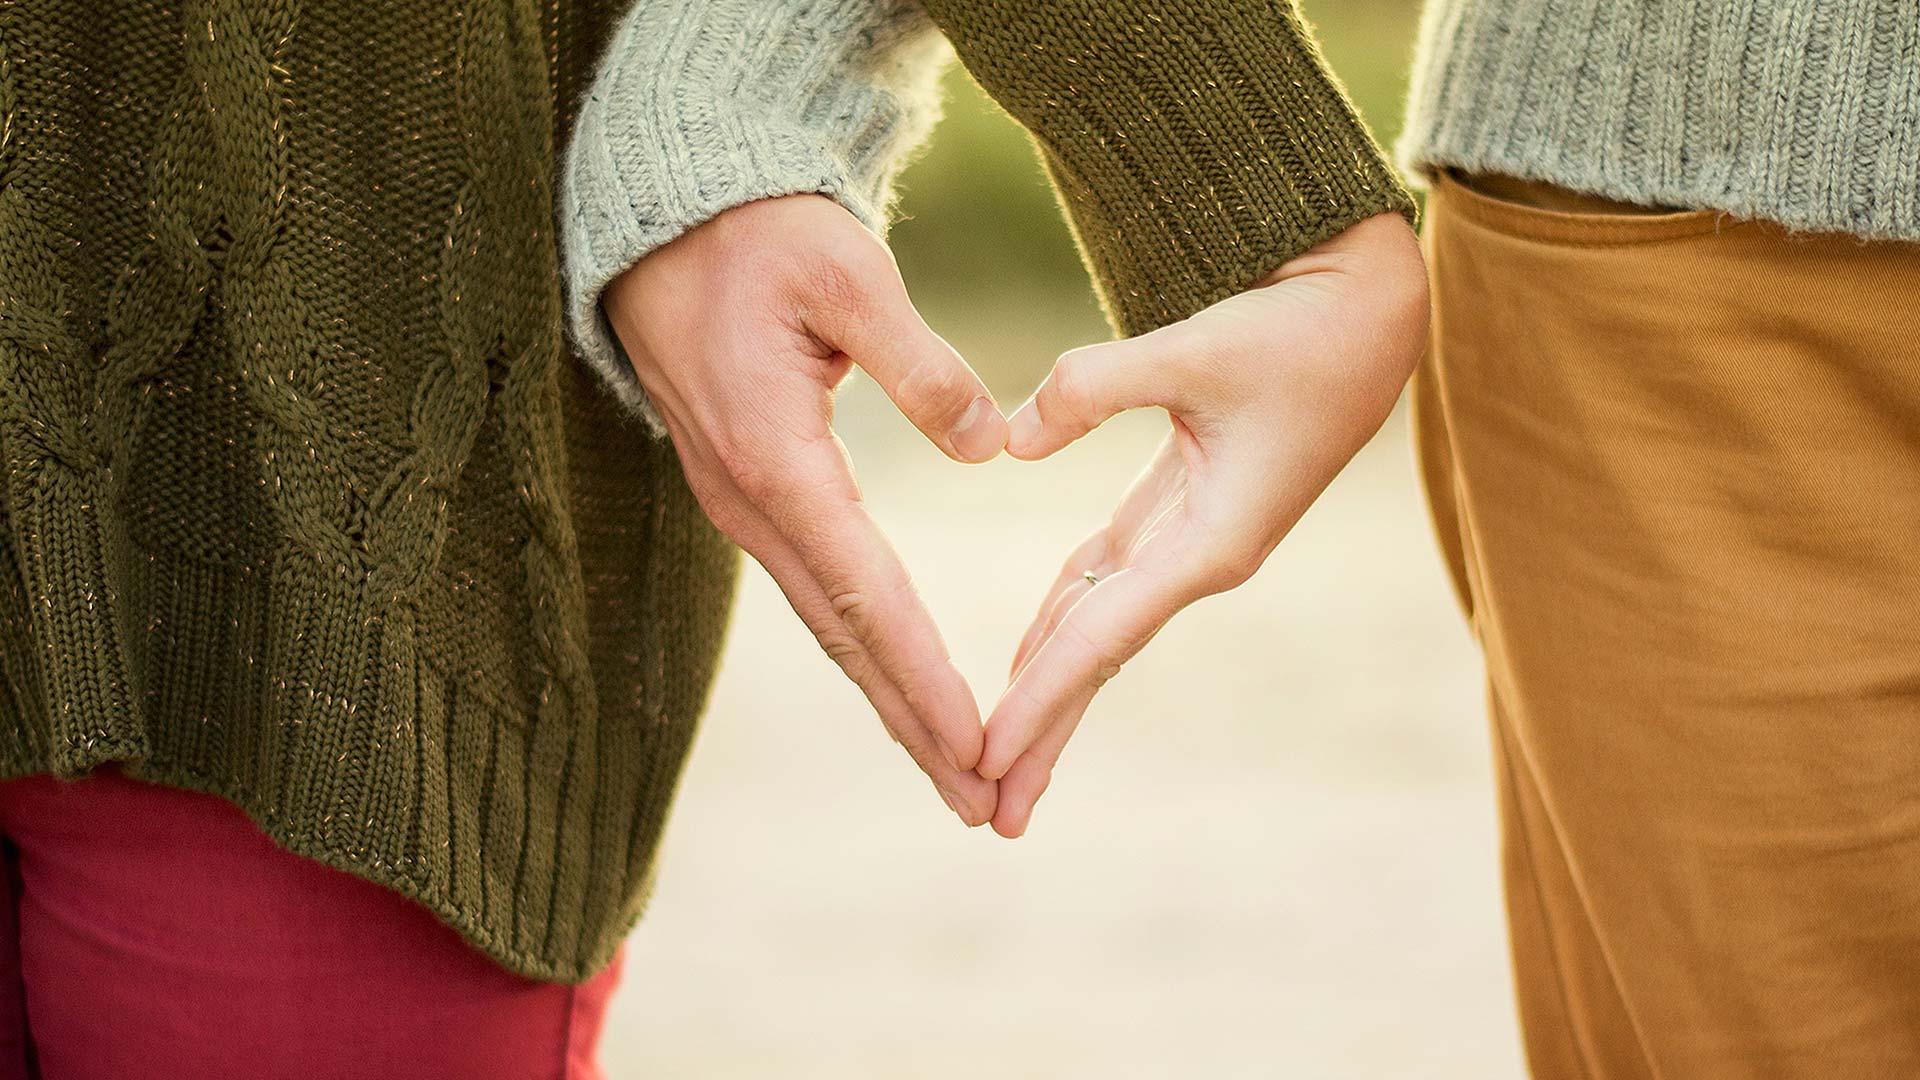 Aandacht en liefde in verbinding. Voor jou èn voor de ander.